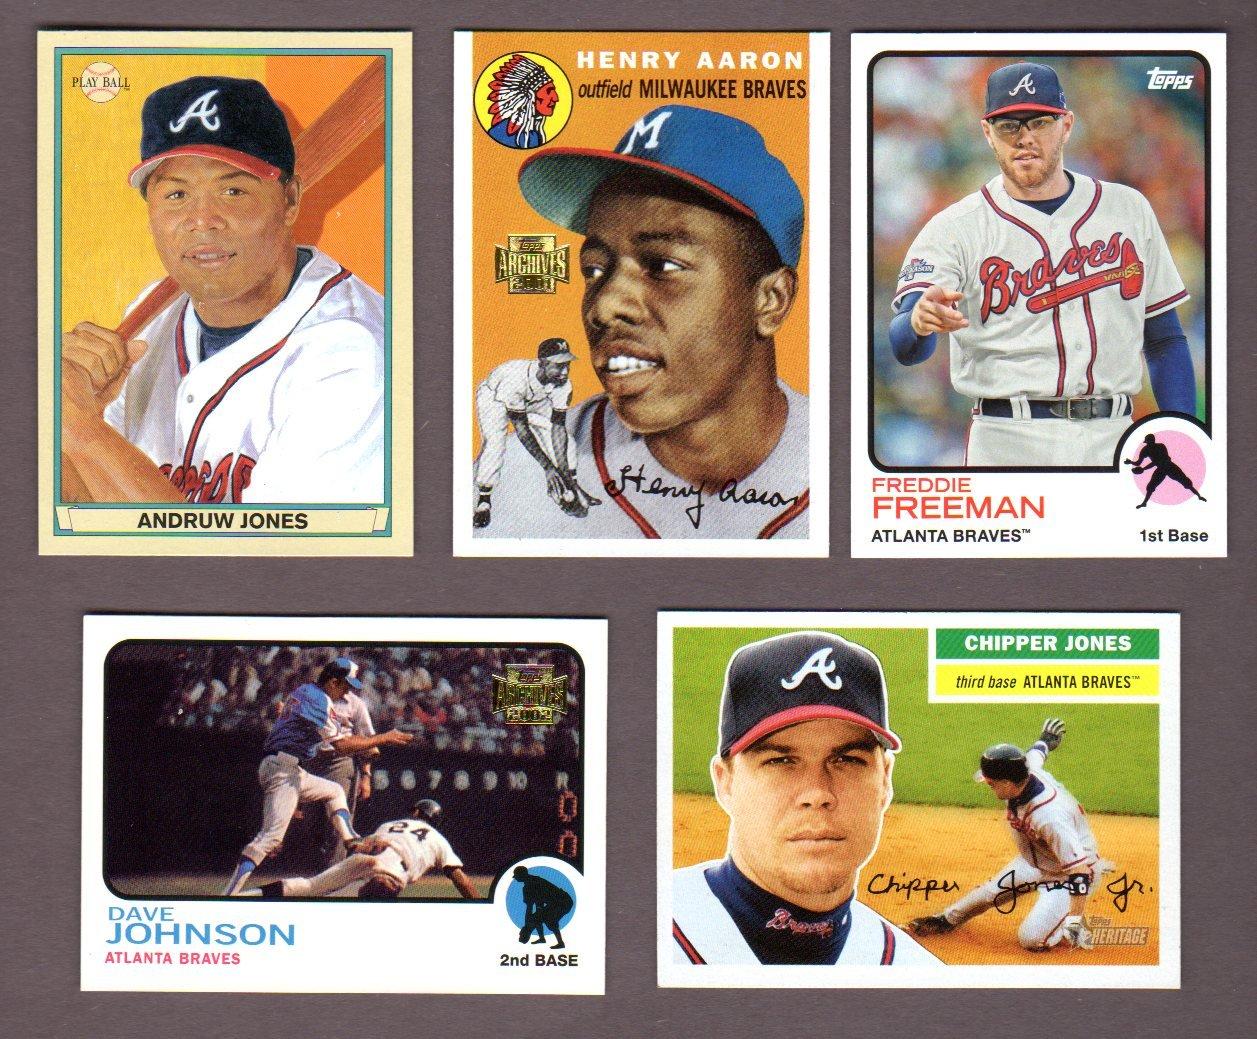 Atlanta Braves 5 Card Heros And Hall Of Famer Reprint Baseball Lot